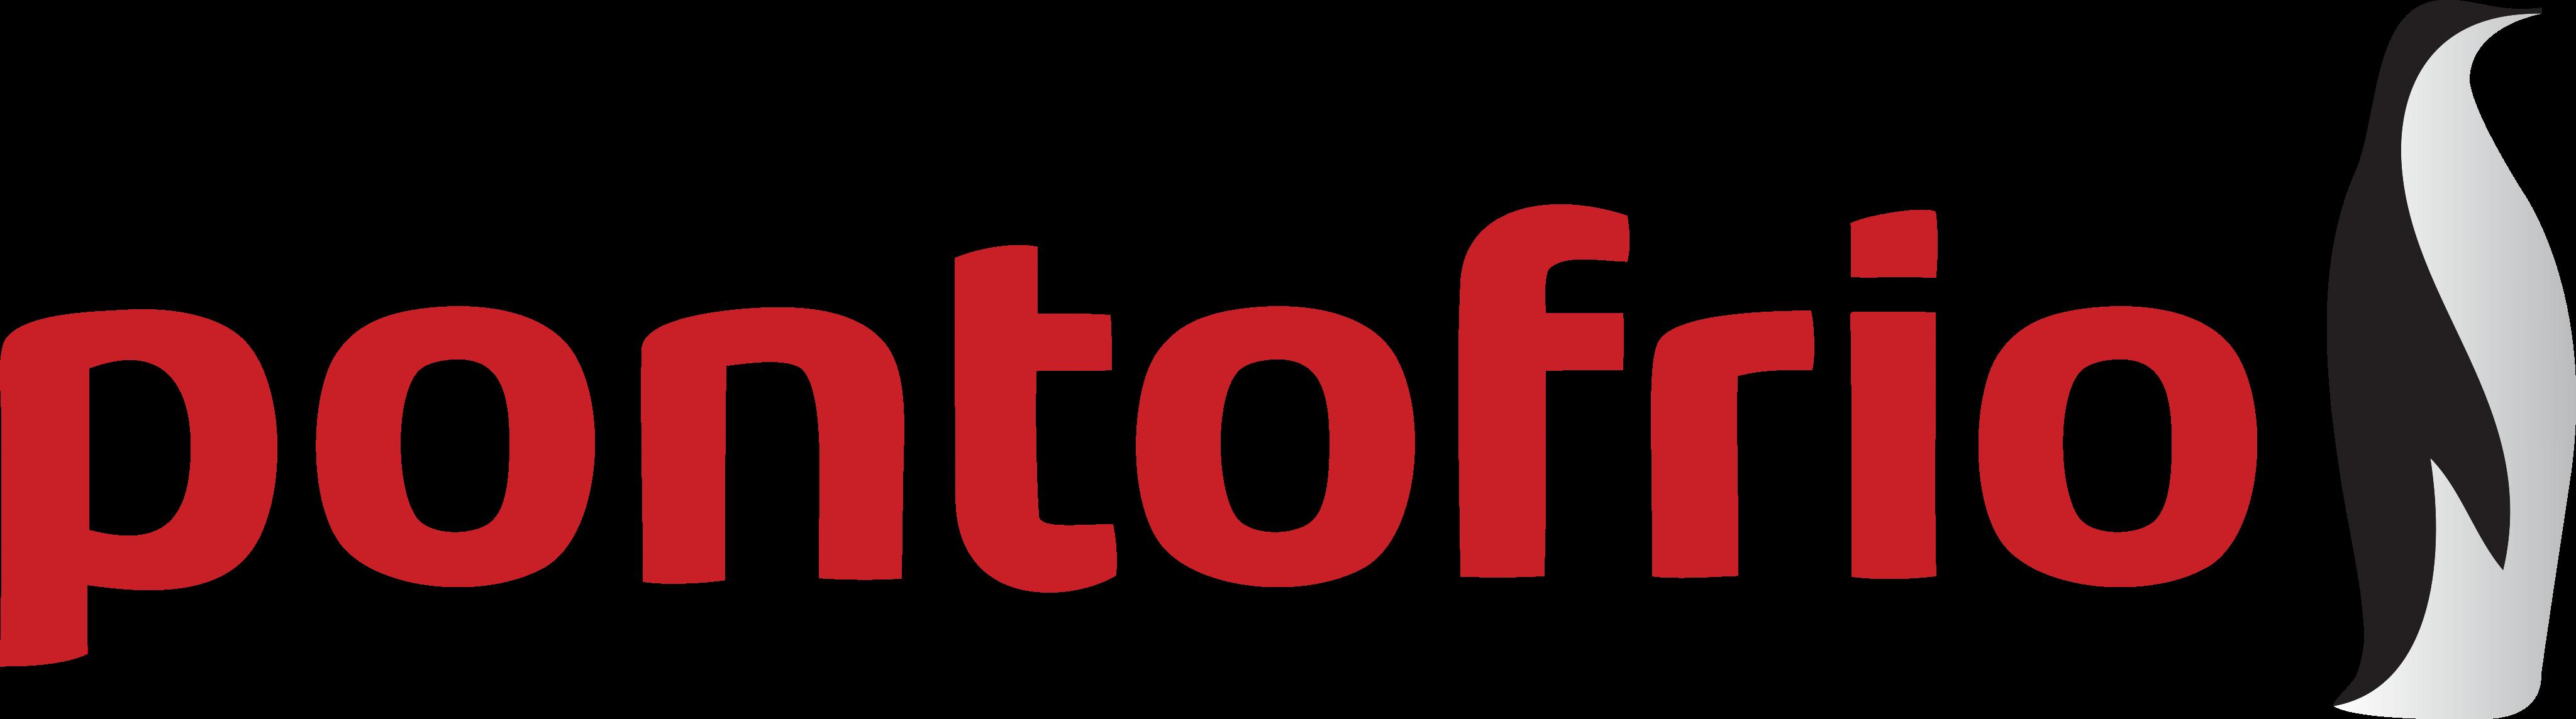 pontofrio logo - Pontofrio Logo